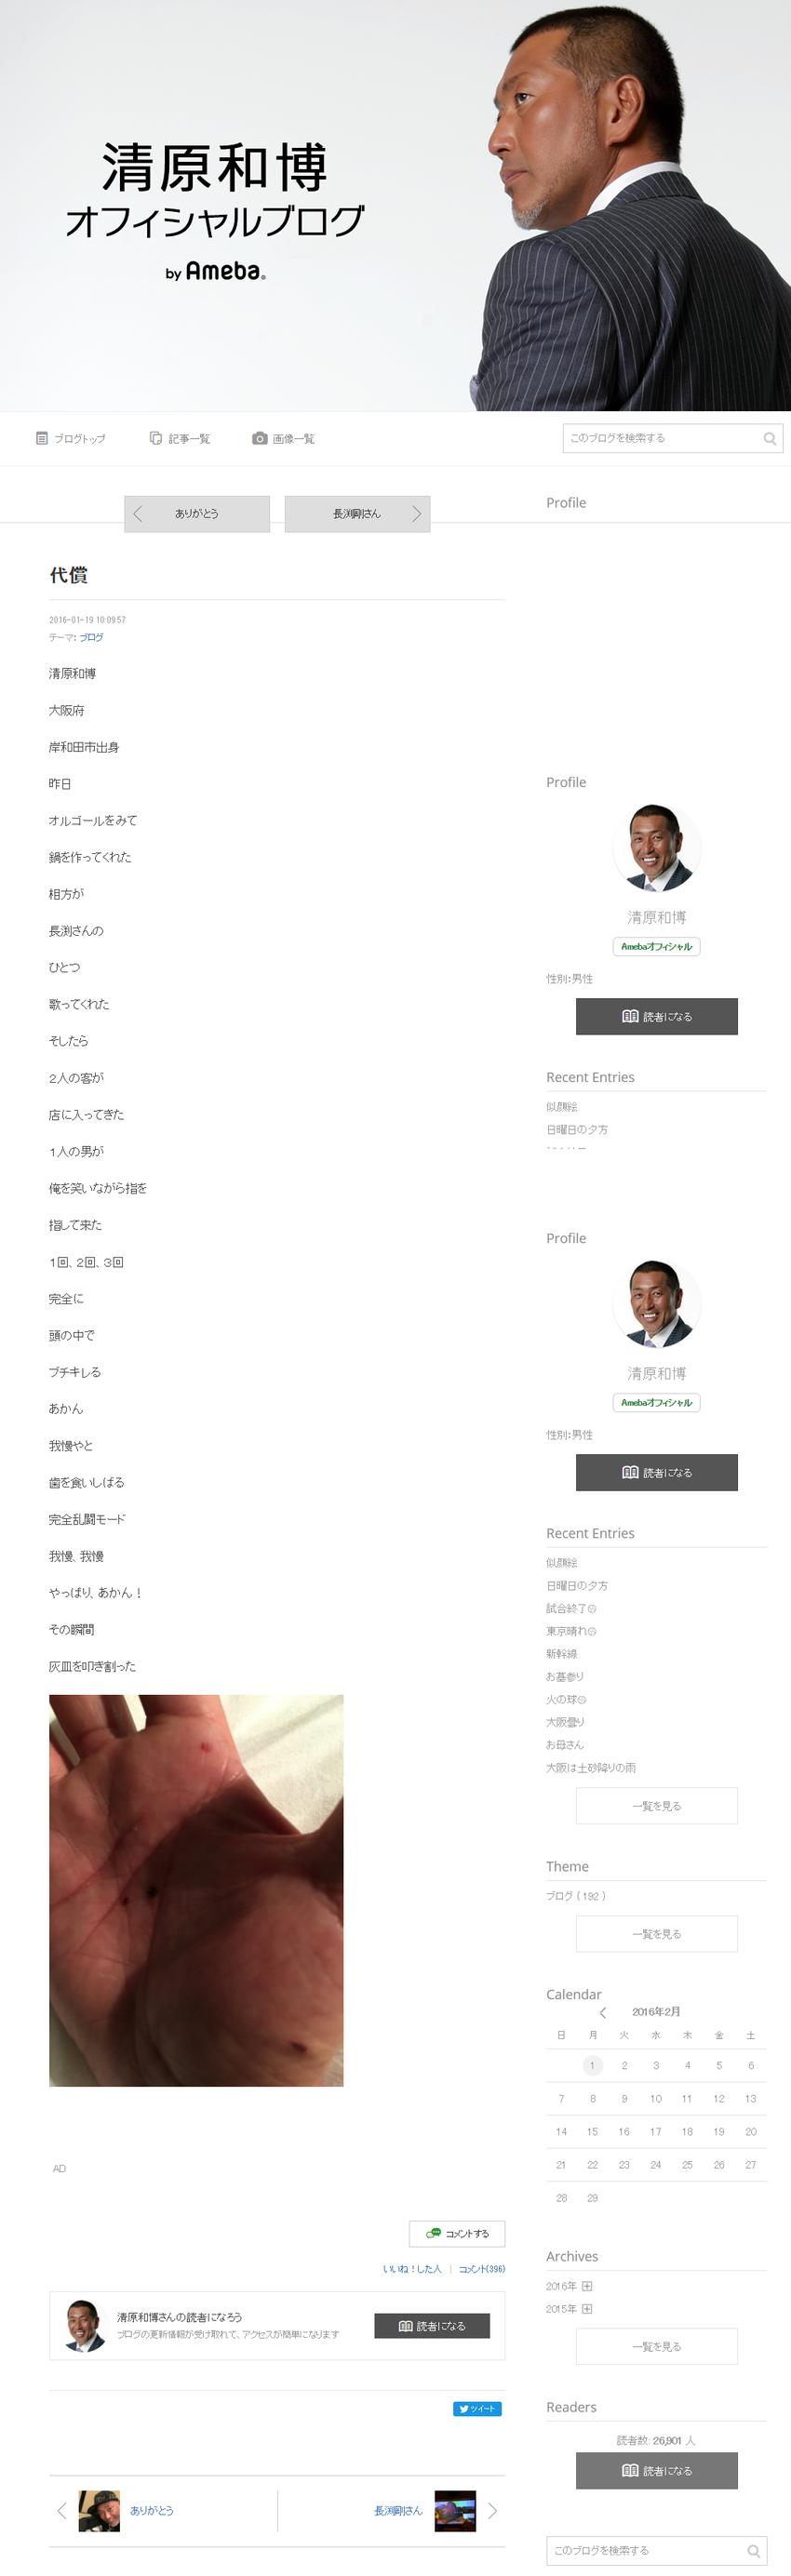 代償|清原和博オフィシャルブログ Powered by Ameba